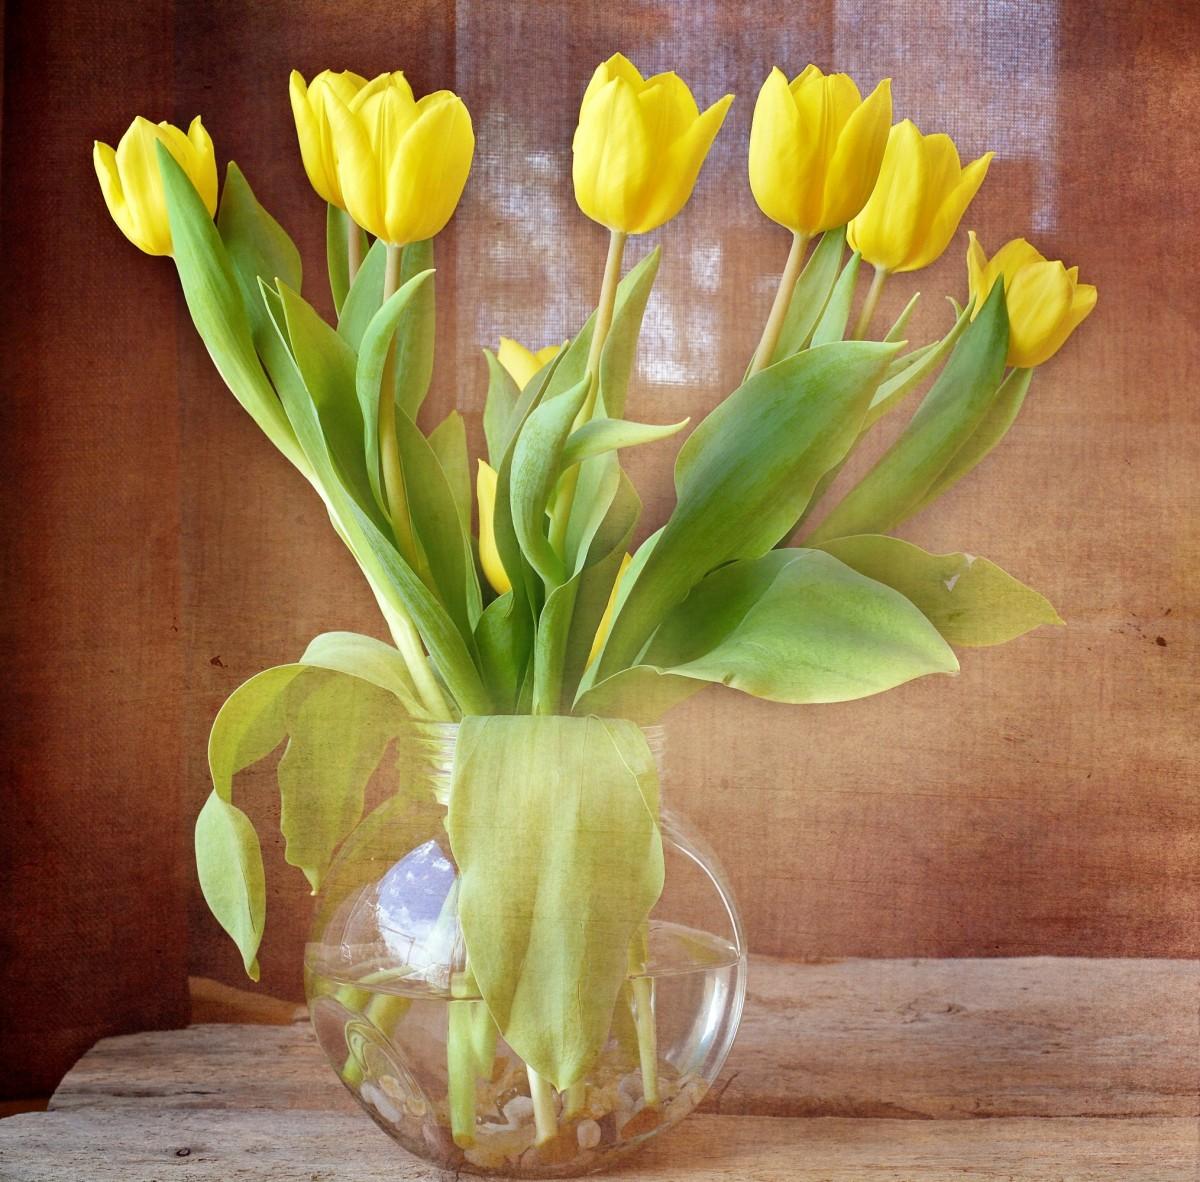 как продлить жизнь тюльпанов в вазе сайте, станете